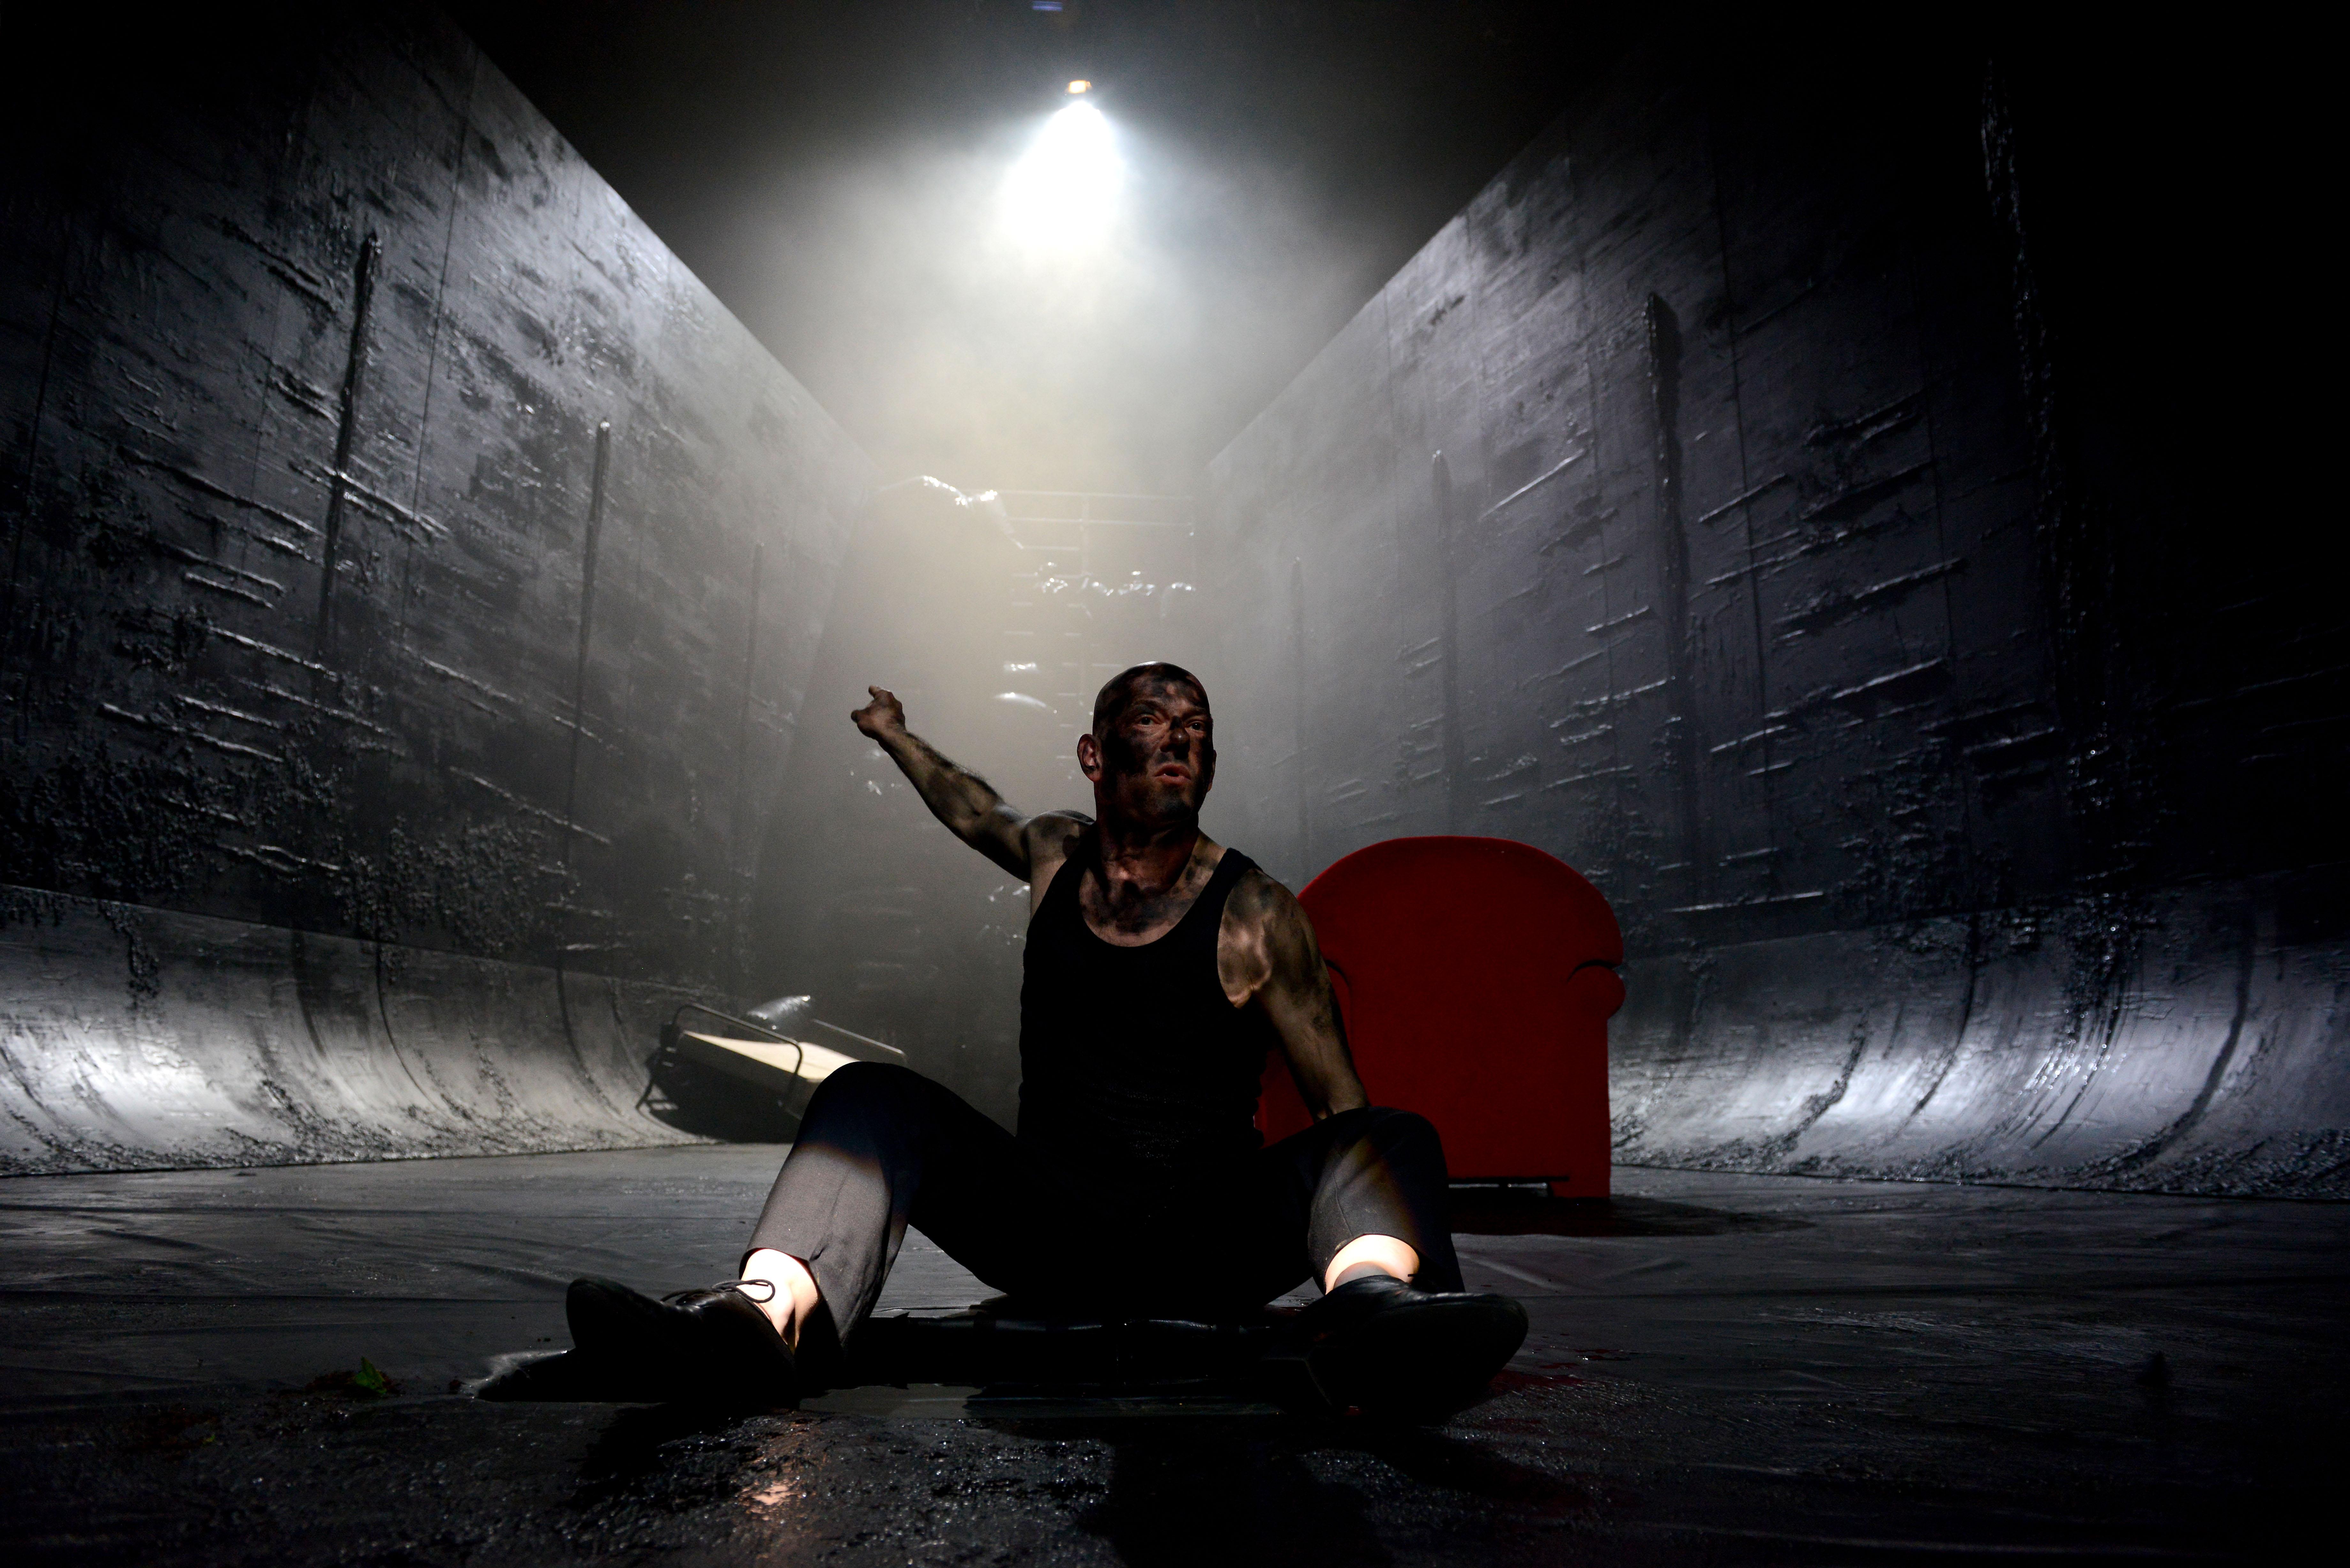 Macbeth1_Johannes Schmidt_c_Bettina Müller